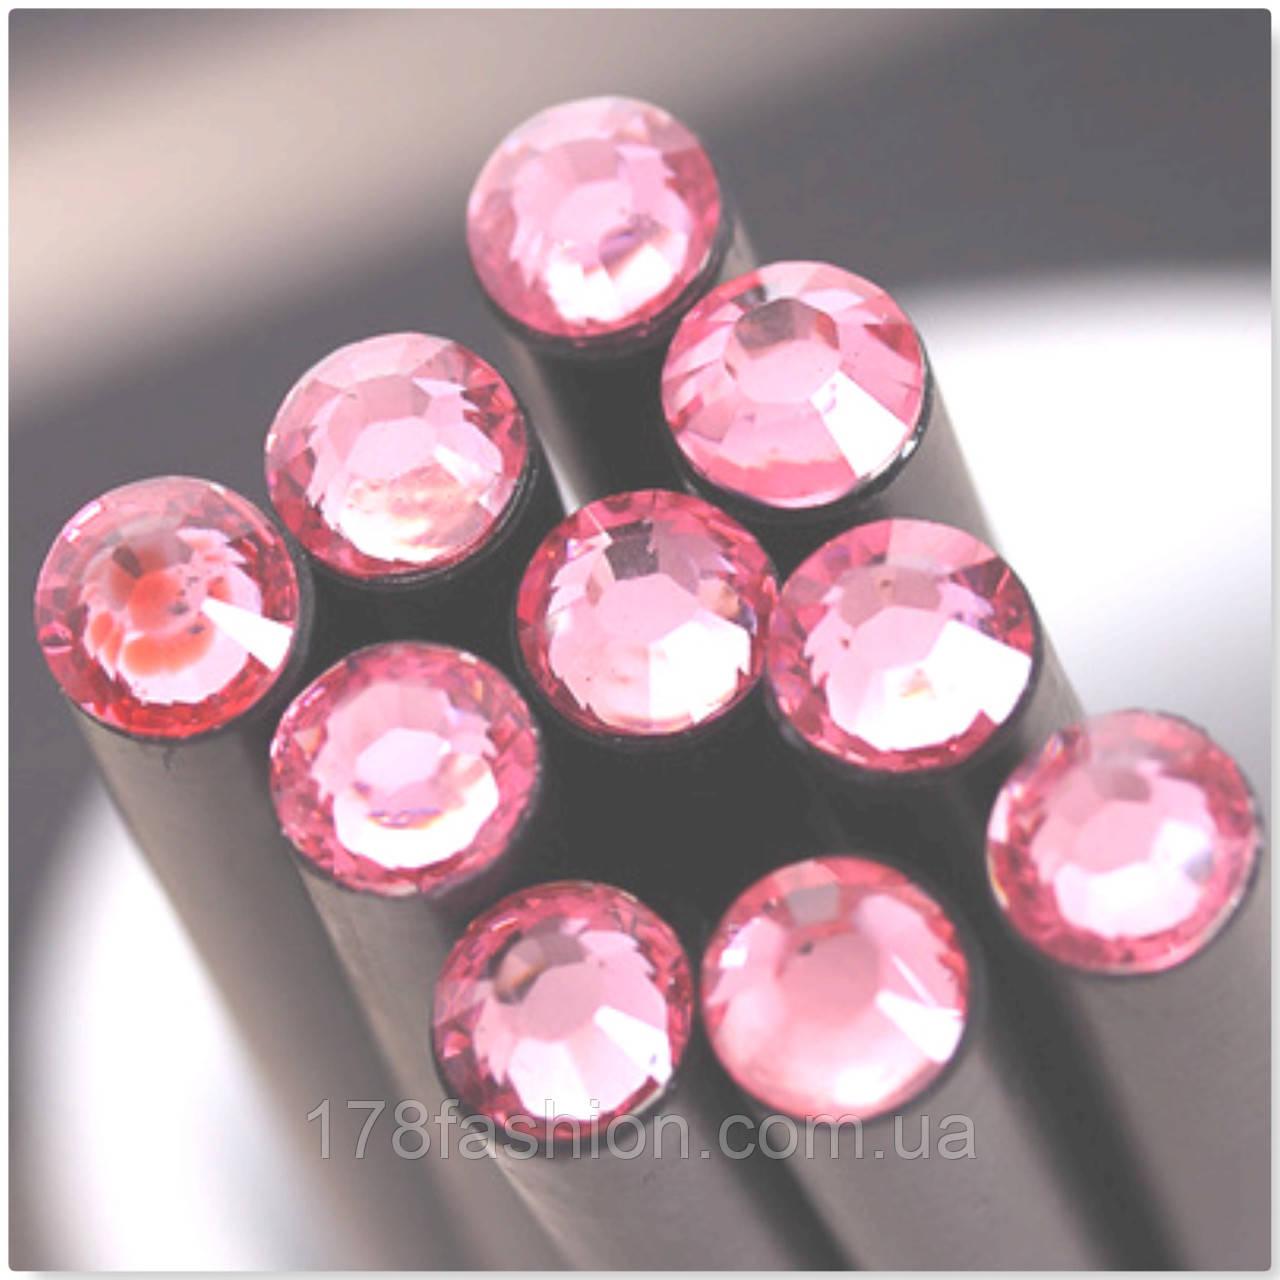 Оригинальный и модный простой карандаш черного цвета с нежно-розовым кристаллом